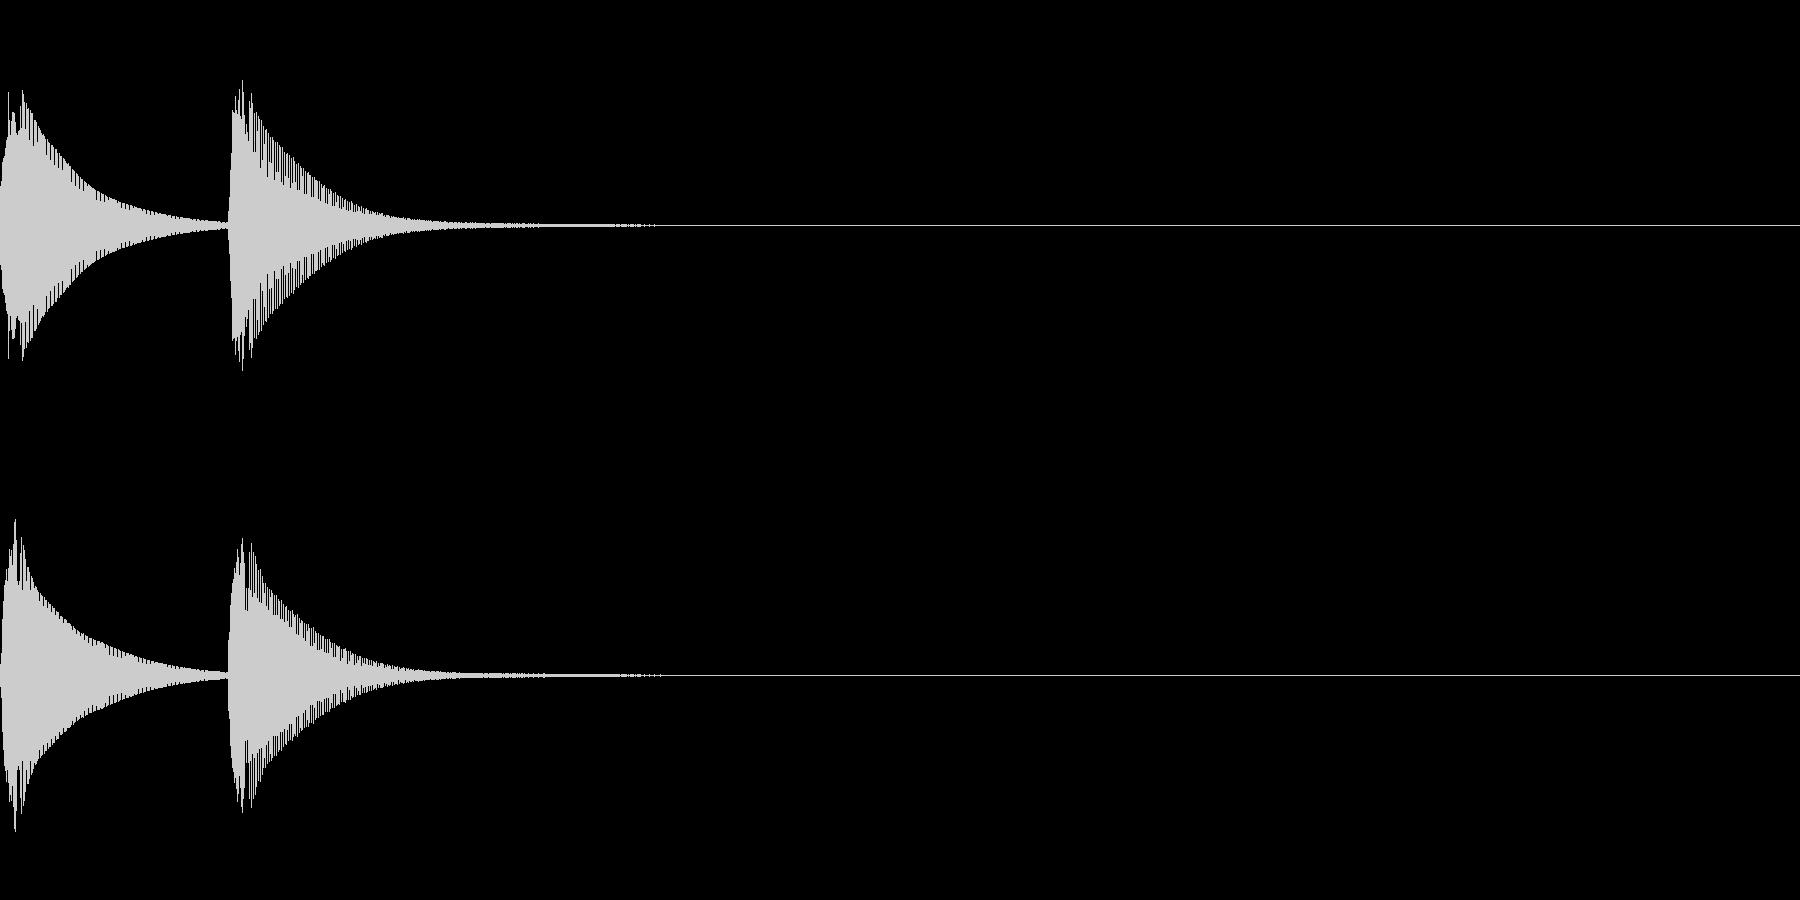 システム音/ピコン/電子音/タイプBの未再生の波形